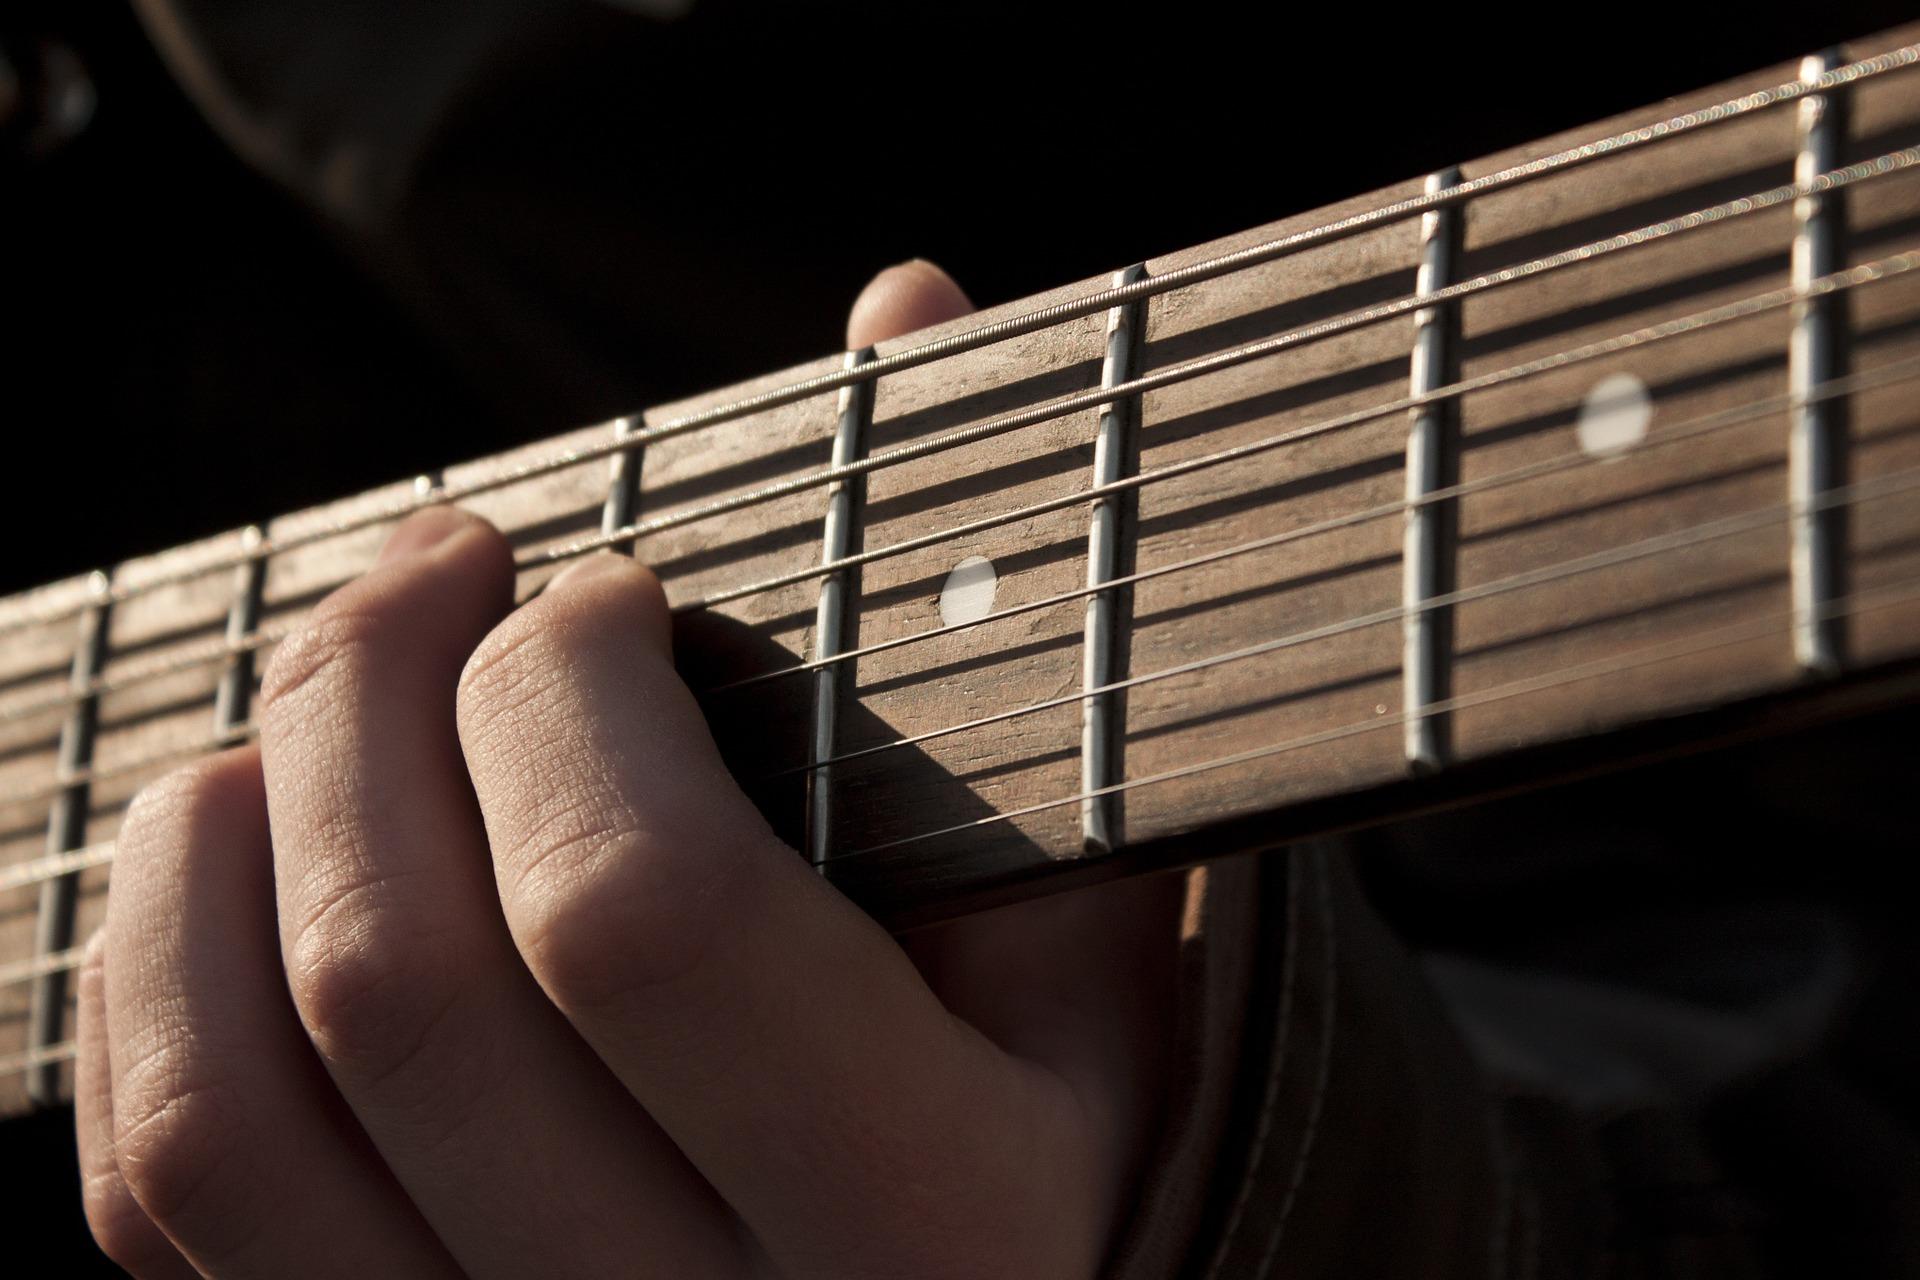 Musica nei locali, modificati gli orari